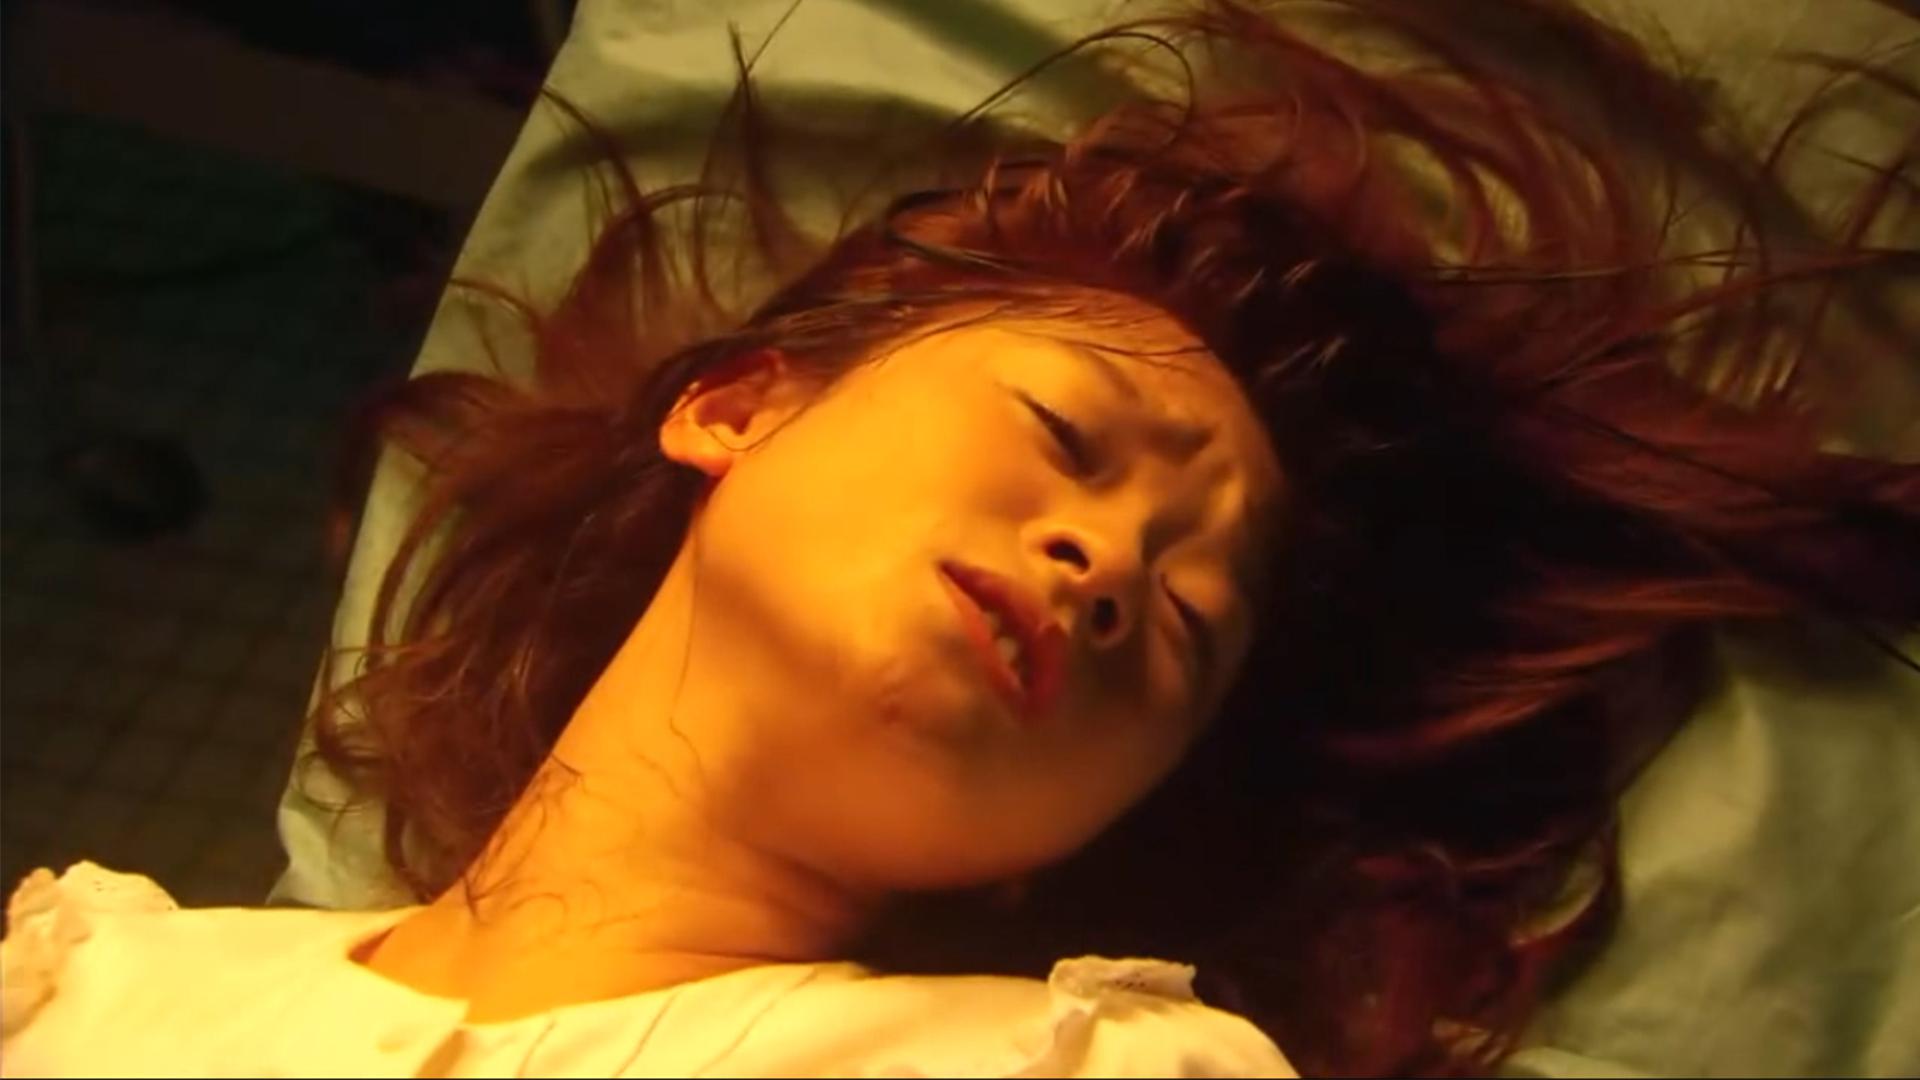 #经典看电影#两个日本特殊少女的故事,全程不舍得快进,看完大呼过瘾